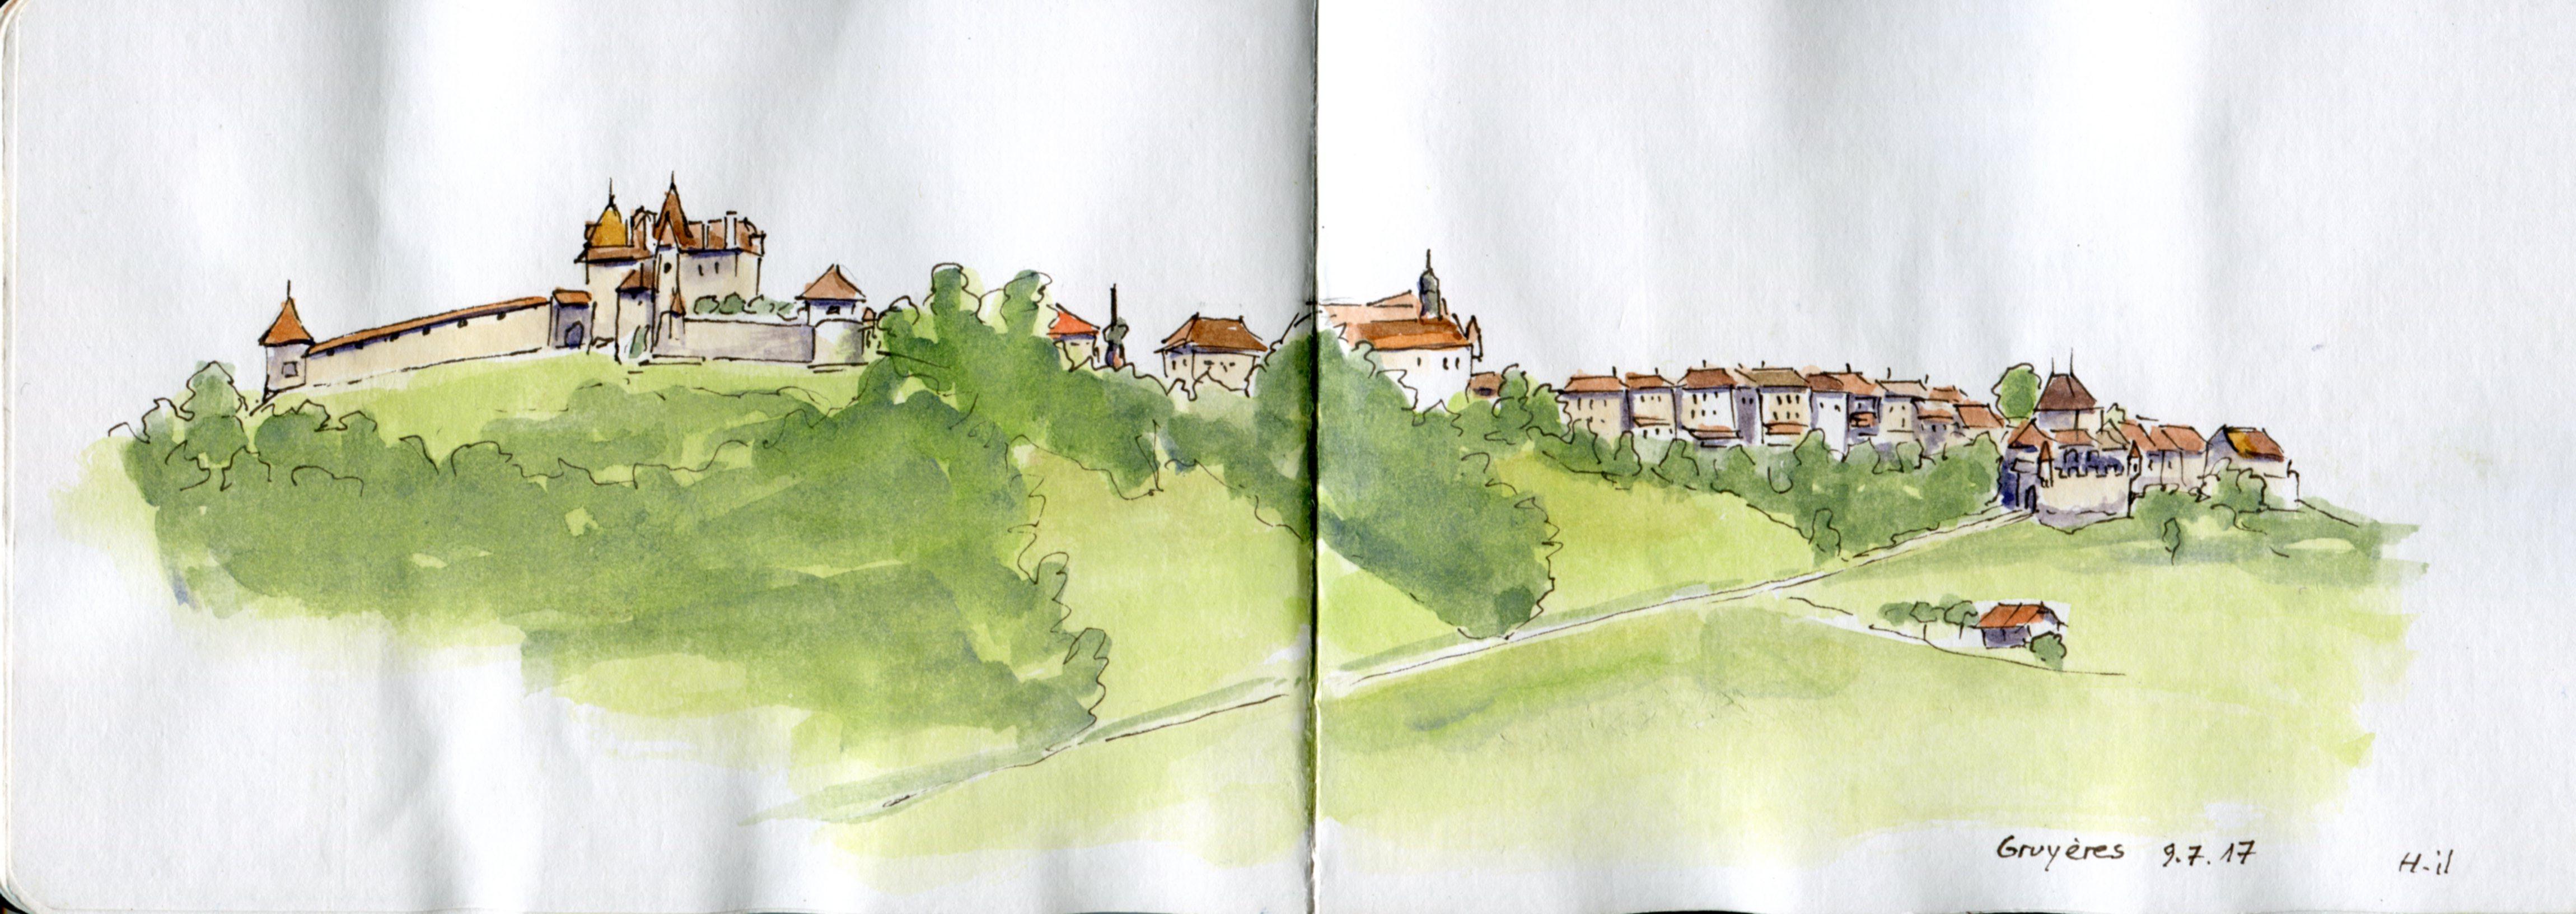 panorama_Gruyères